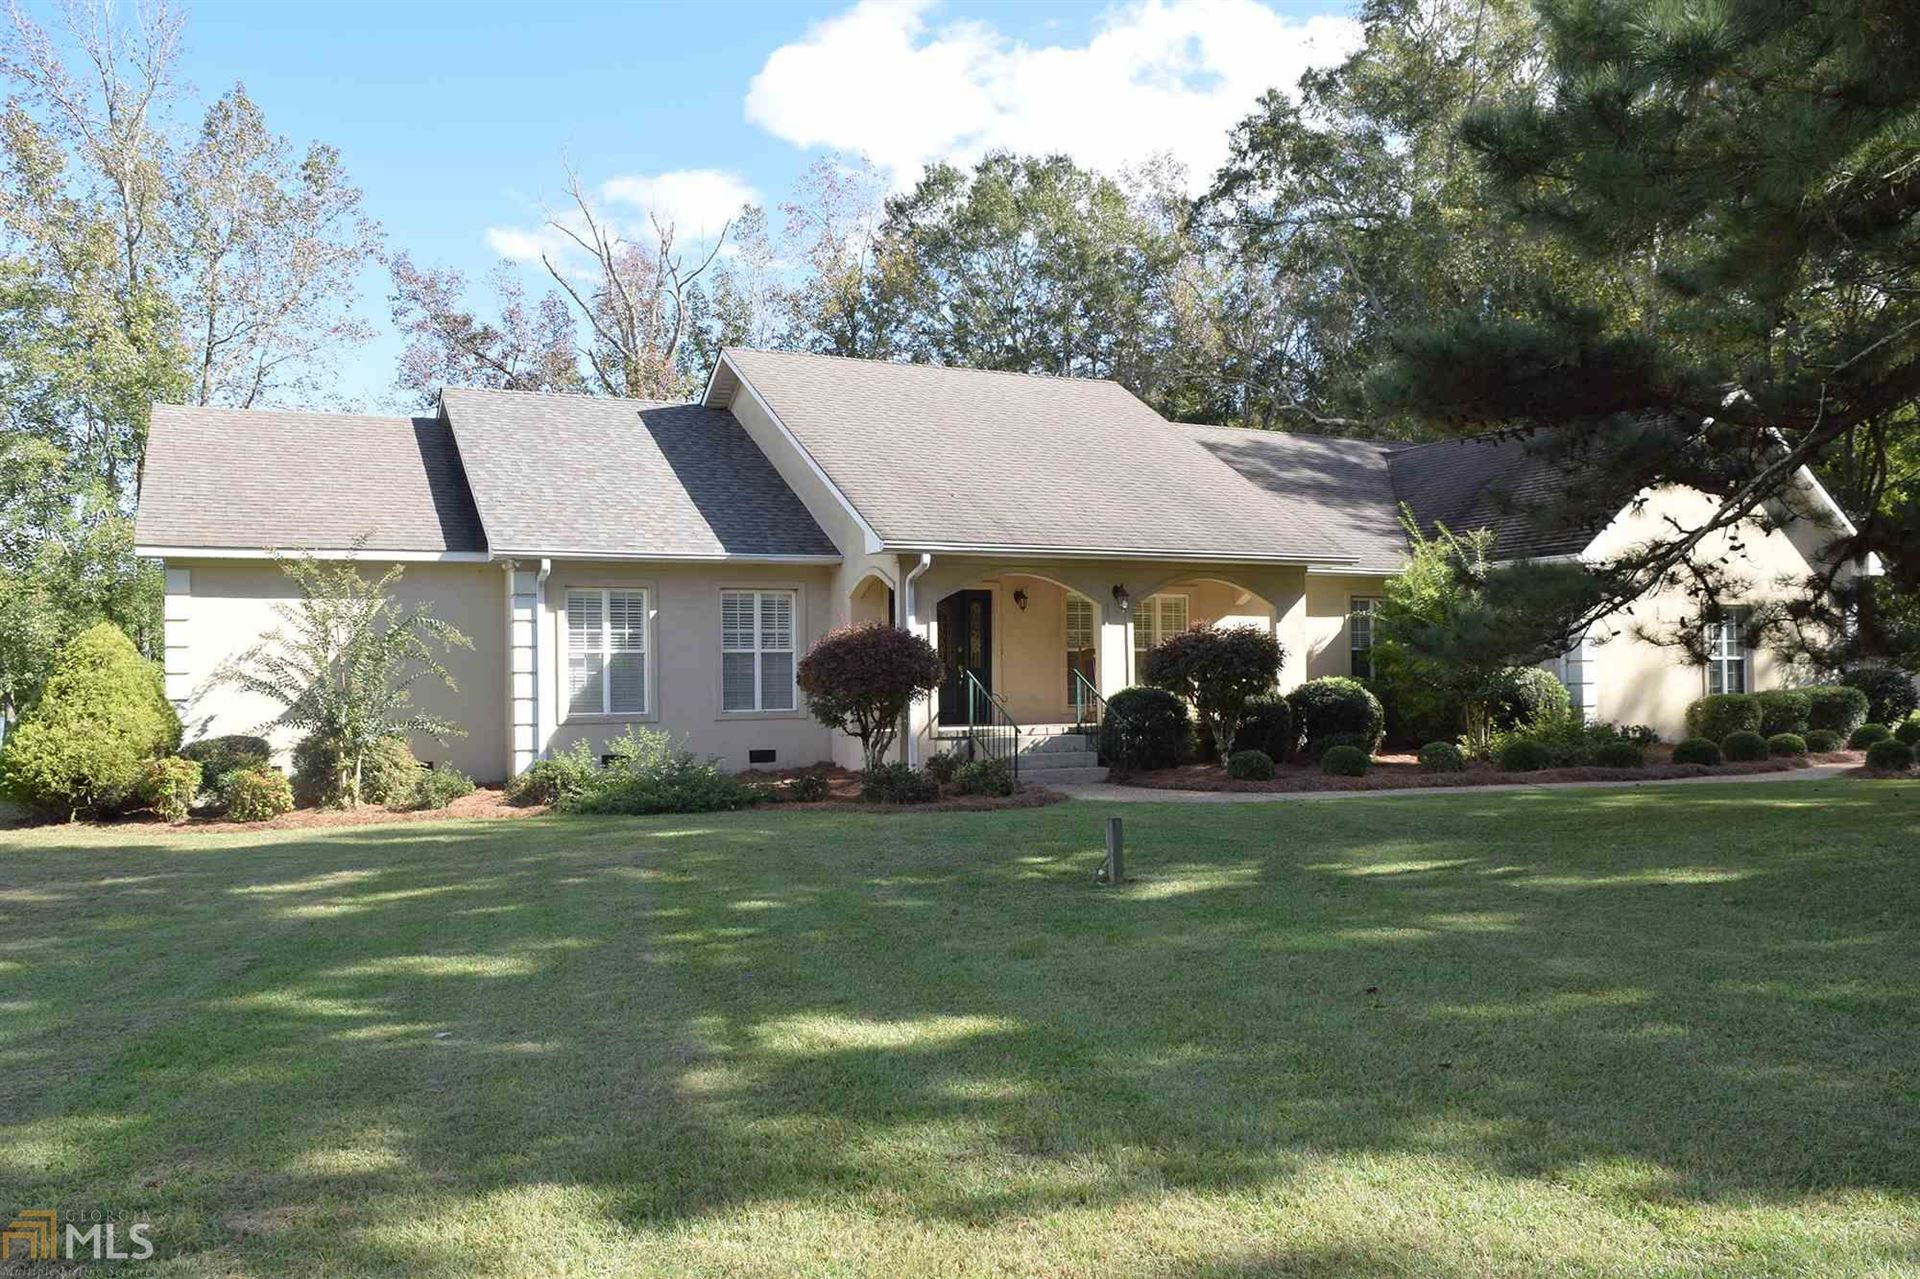 11892 Whitehouse Pkwy, Woodbury, GA 30293 - #: 8879077